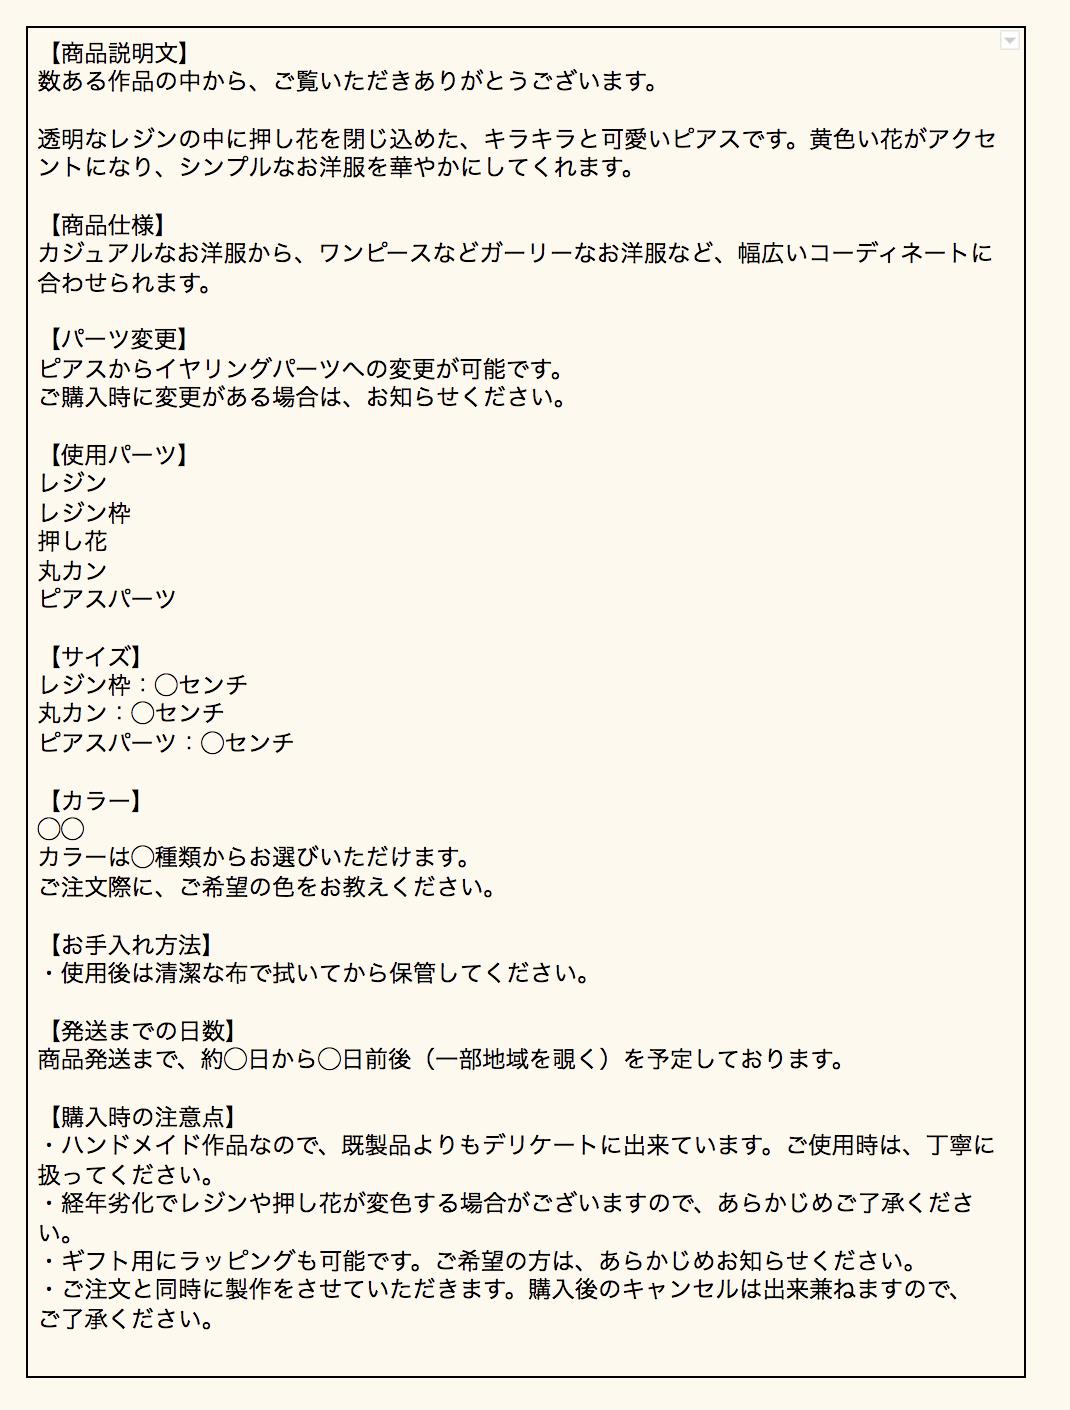 ③レジンなどを使用したハンドメイドアクセサリーの説明文